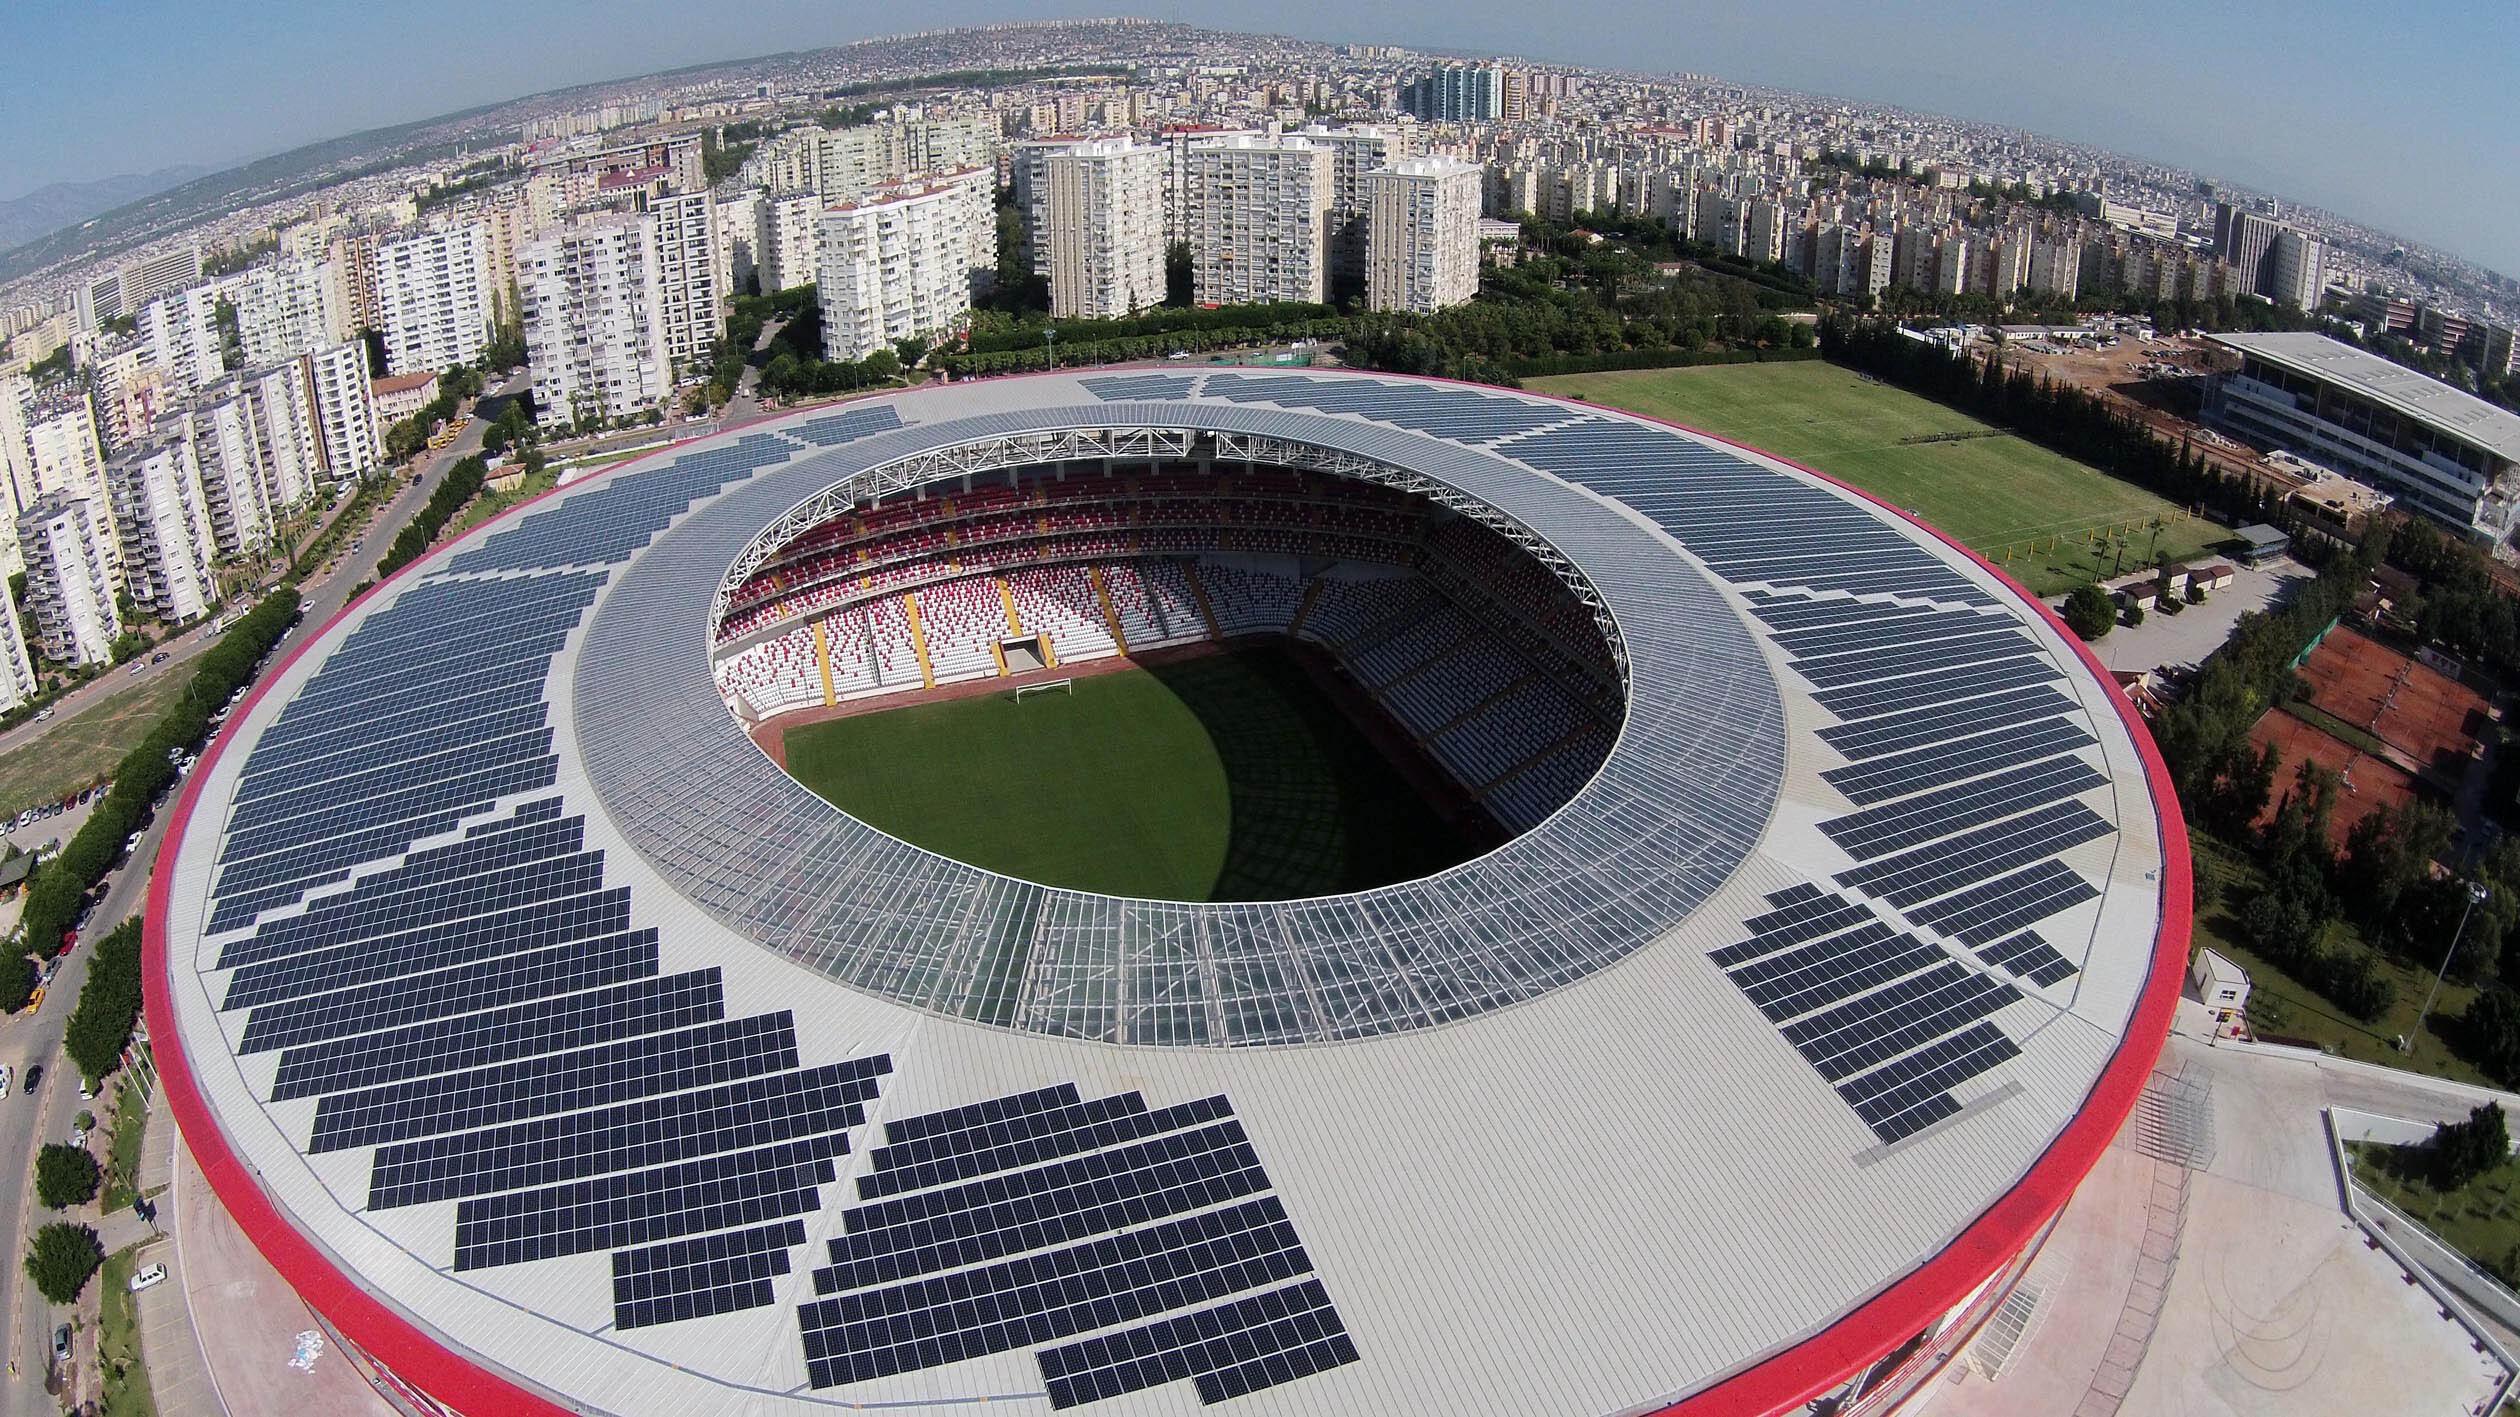 Stadyumun üzerinde güneş panelleri bulunuyor.